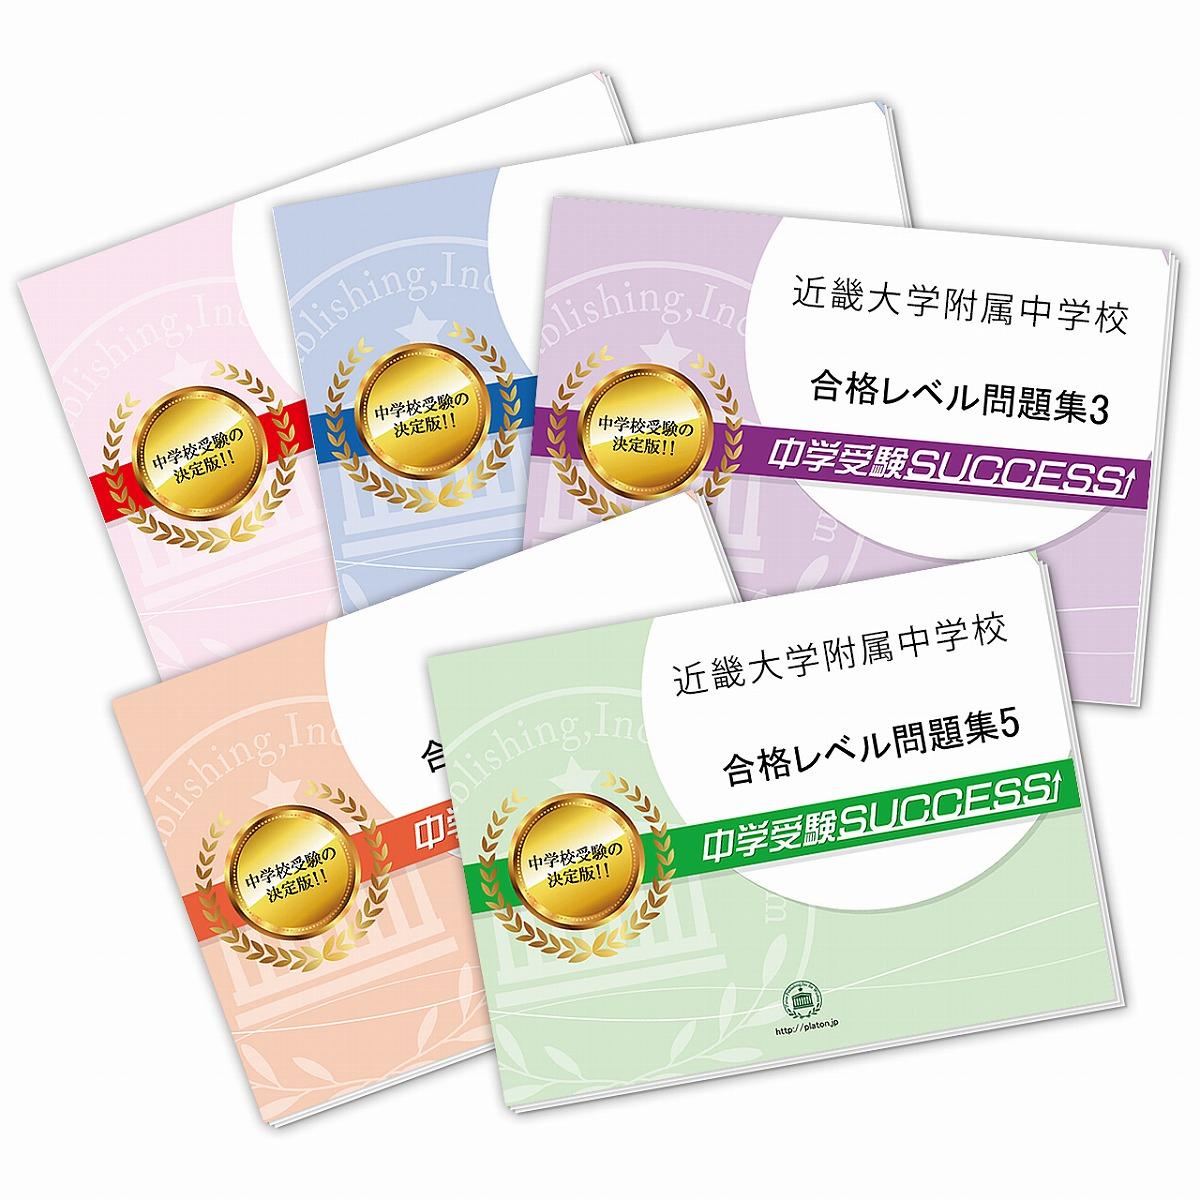 送料 代引手数料無料 近畿大学附属中学校 5冊 年間定番 物品 直前対策合格セット